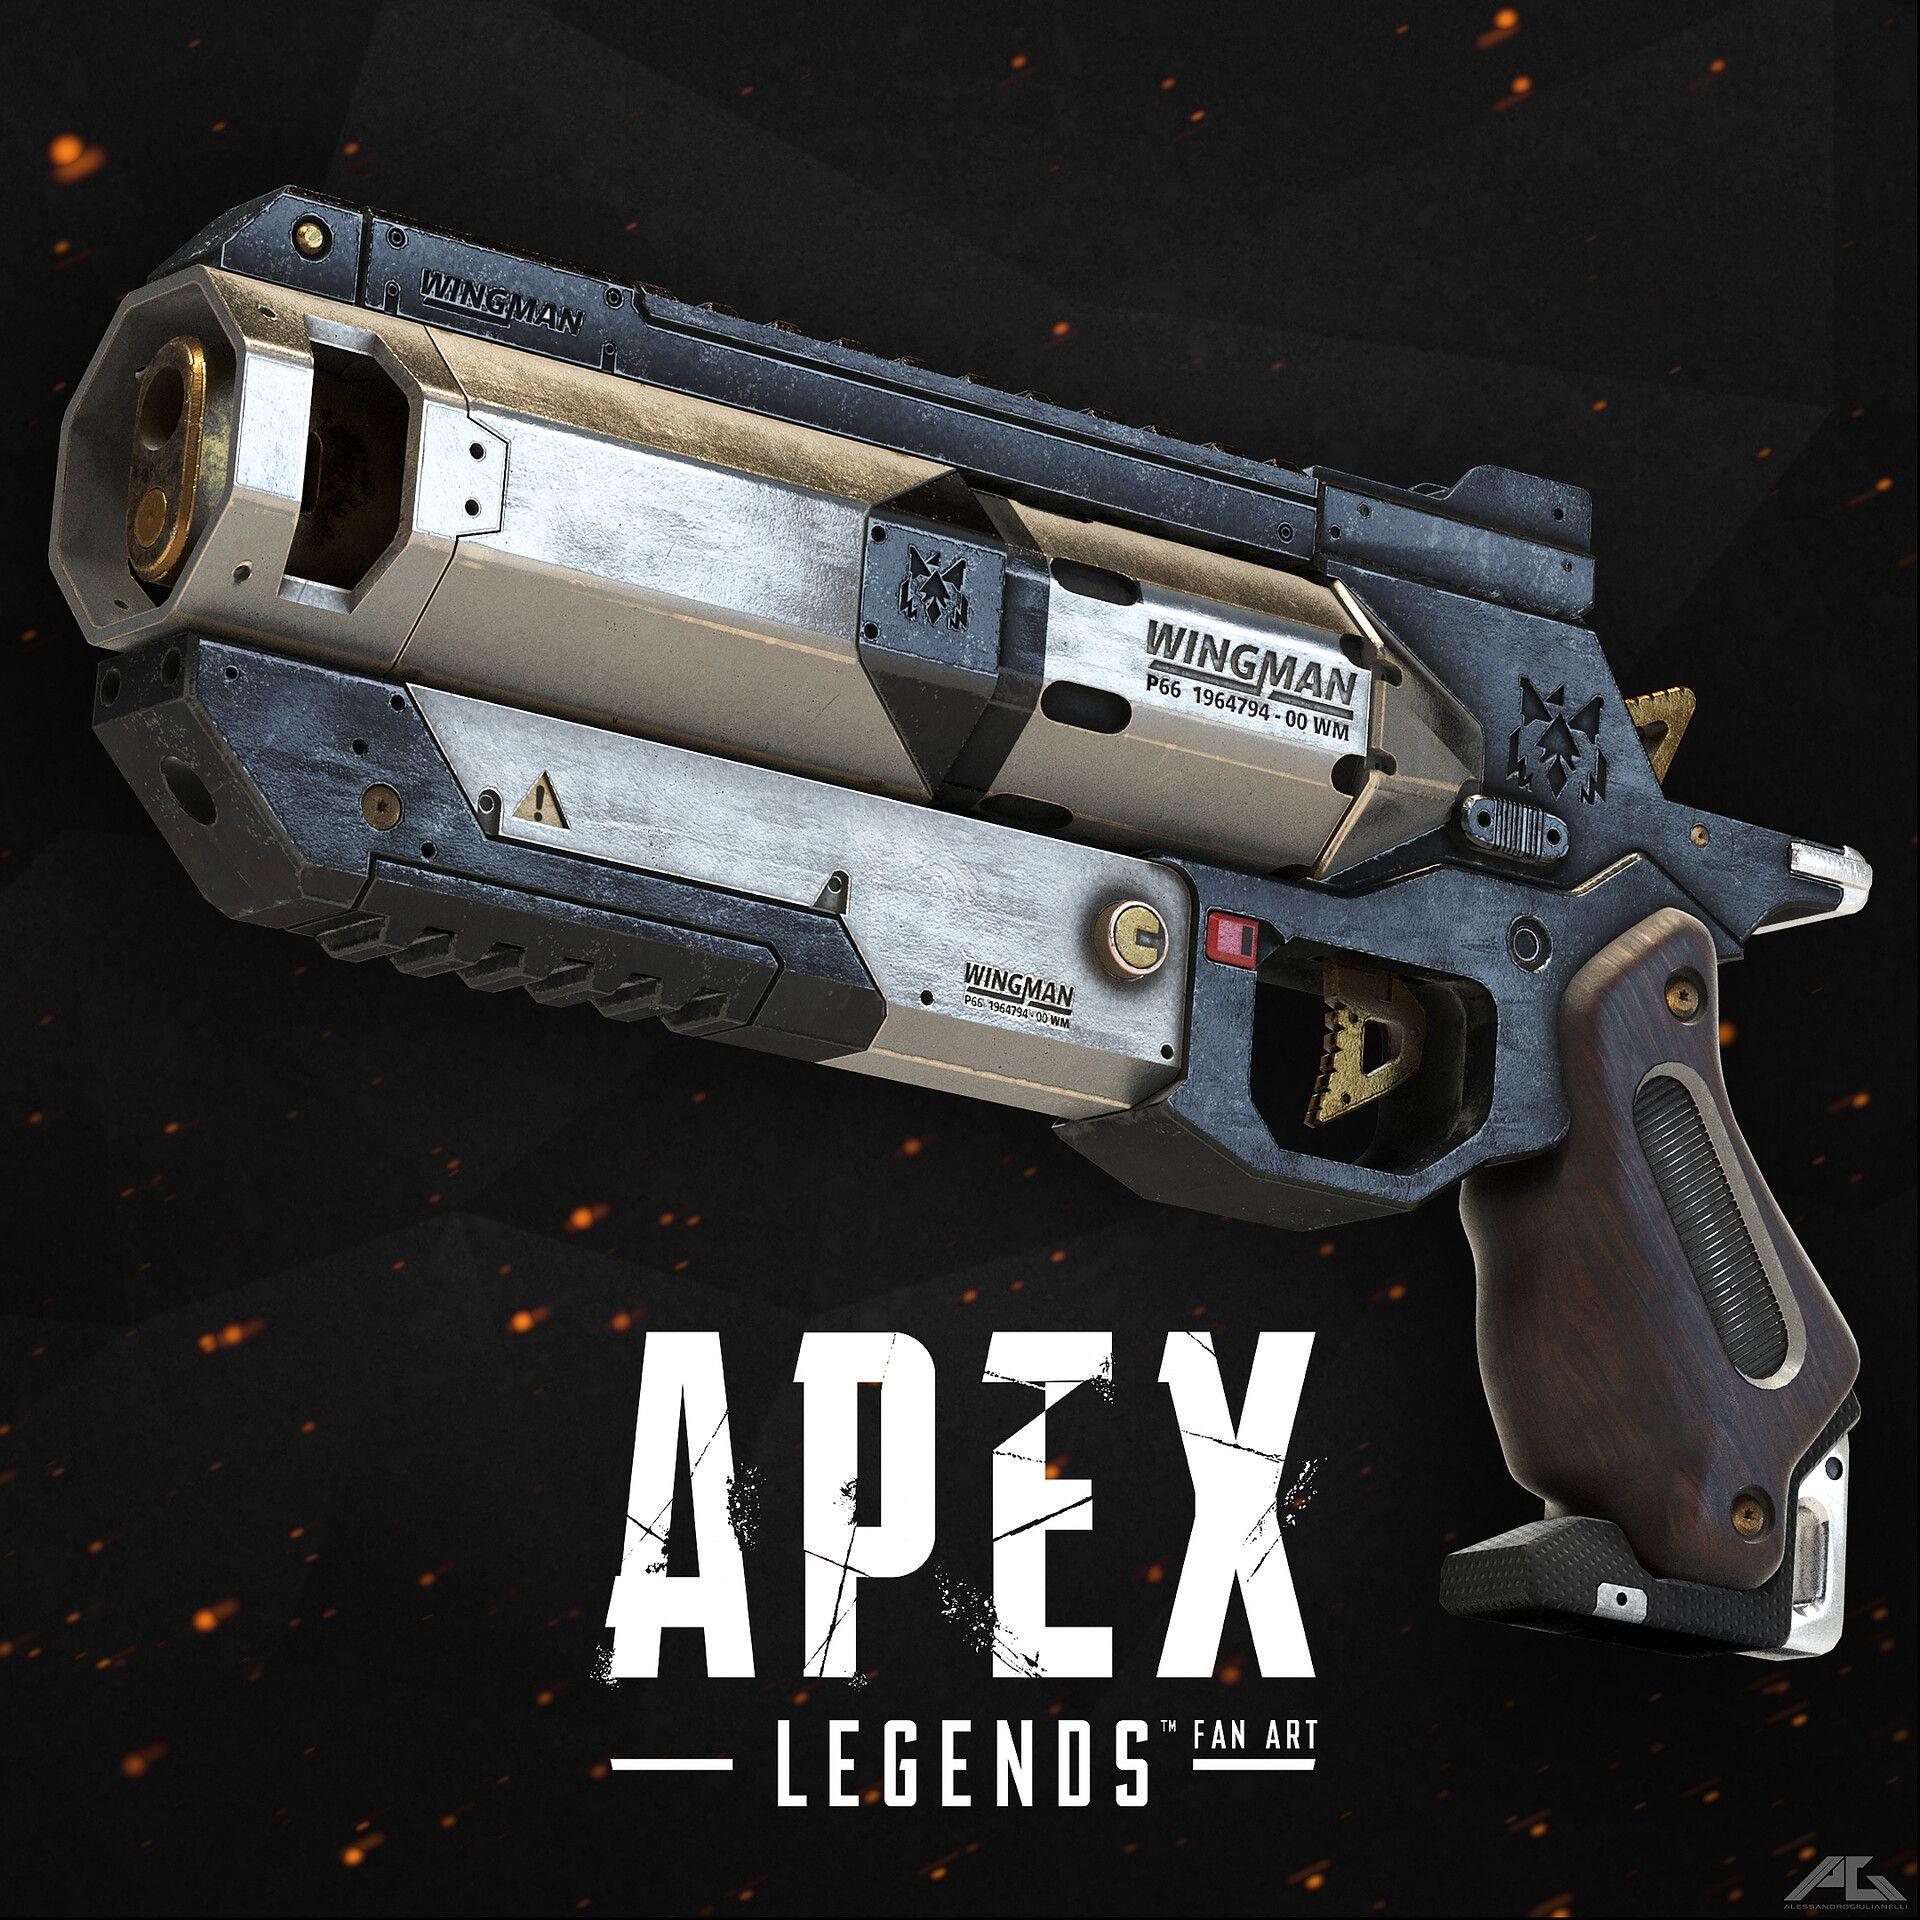 WIngman pistol gun Apex Legends